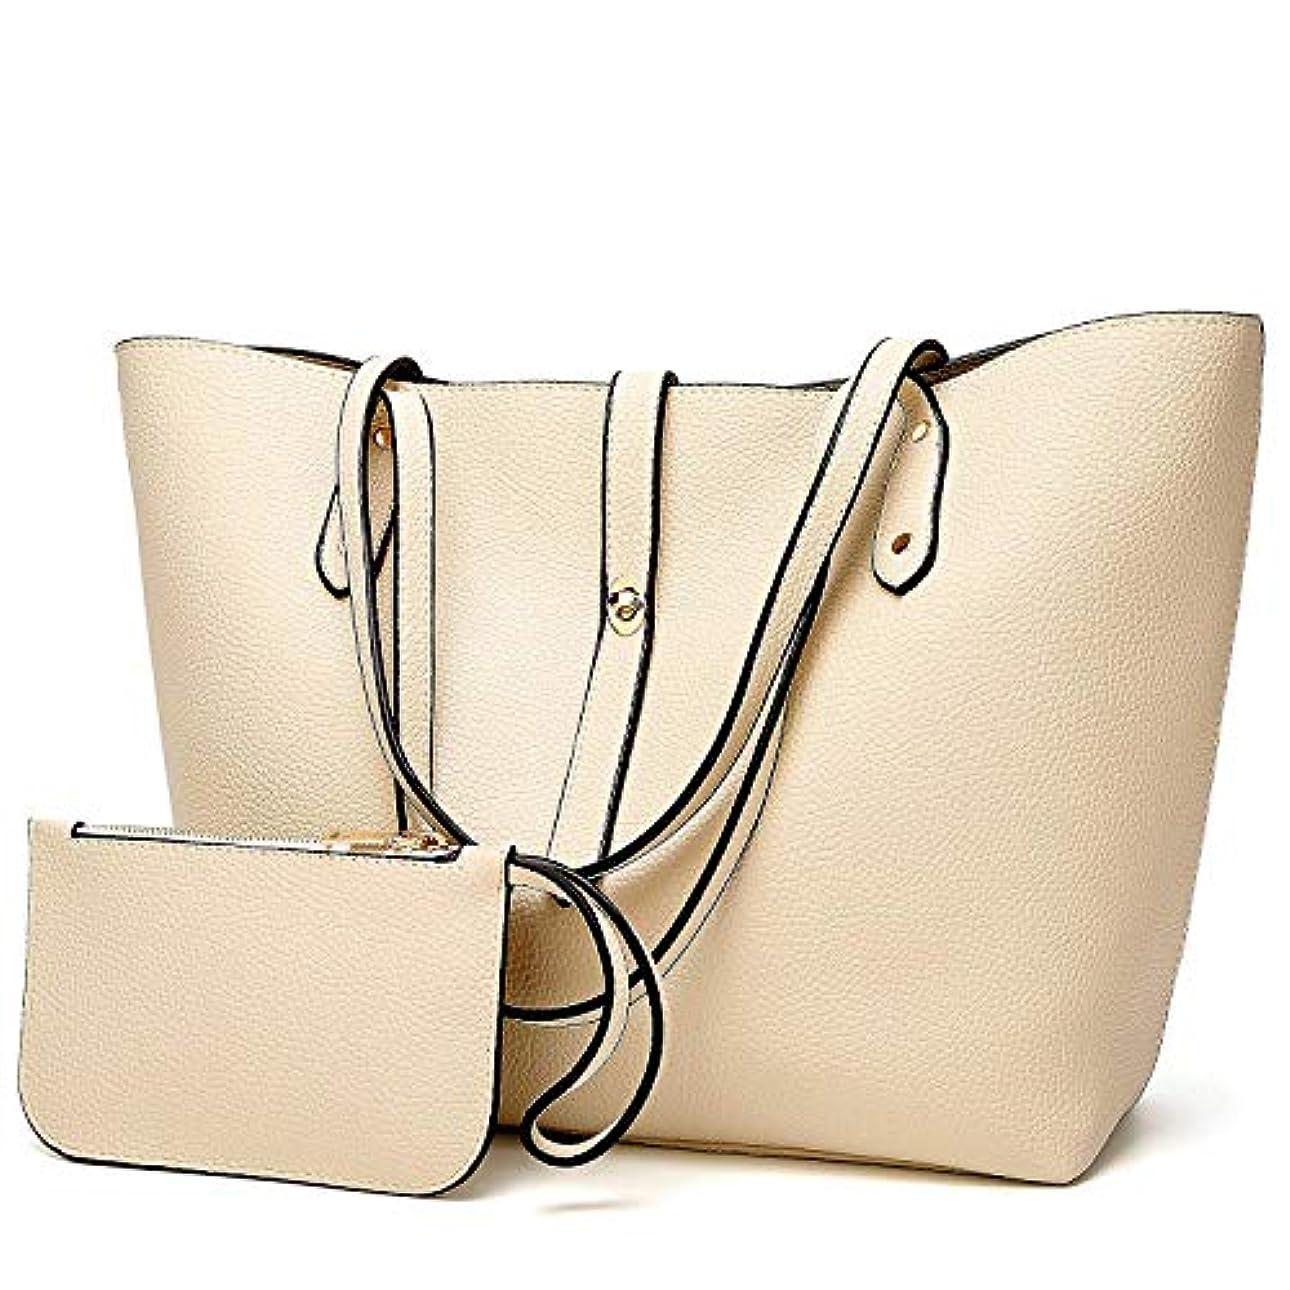 拍手設計図農場[TcIFE] ハンドバッグ レディース トートバッグ 大容量 無地 ショルダーバッグ 2way 財布とハンドバッグ